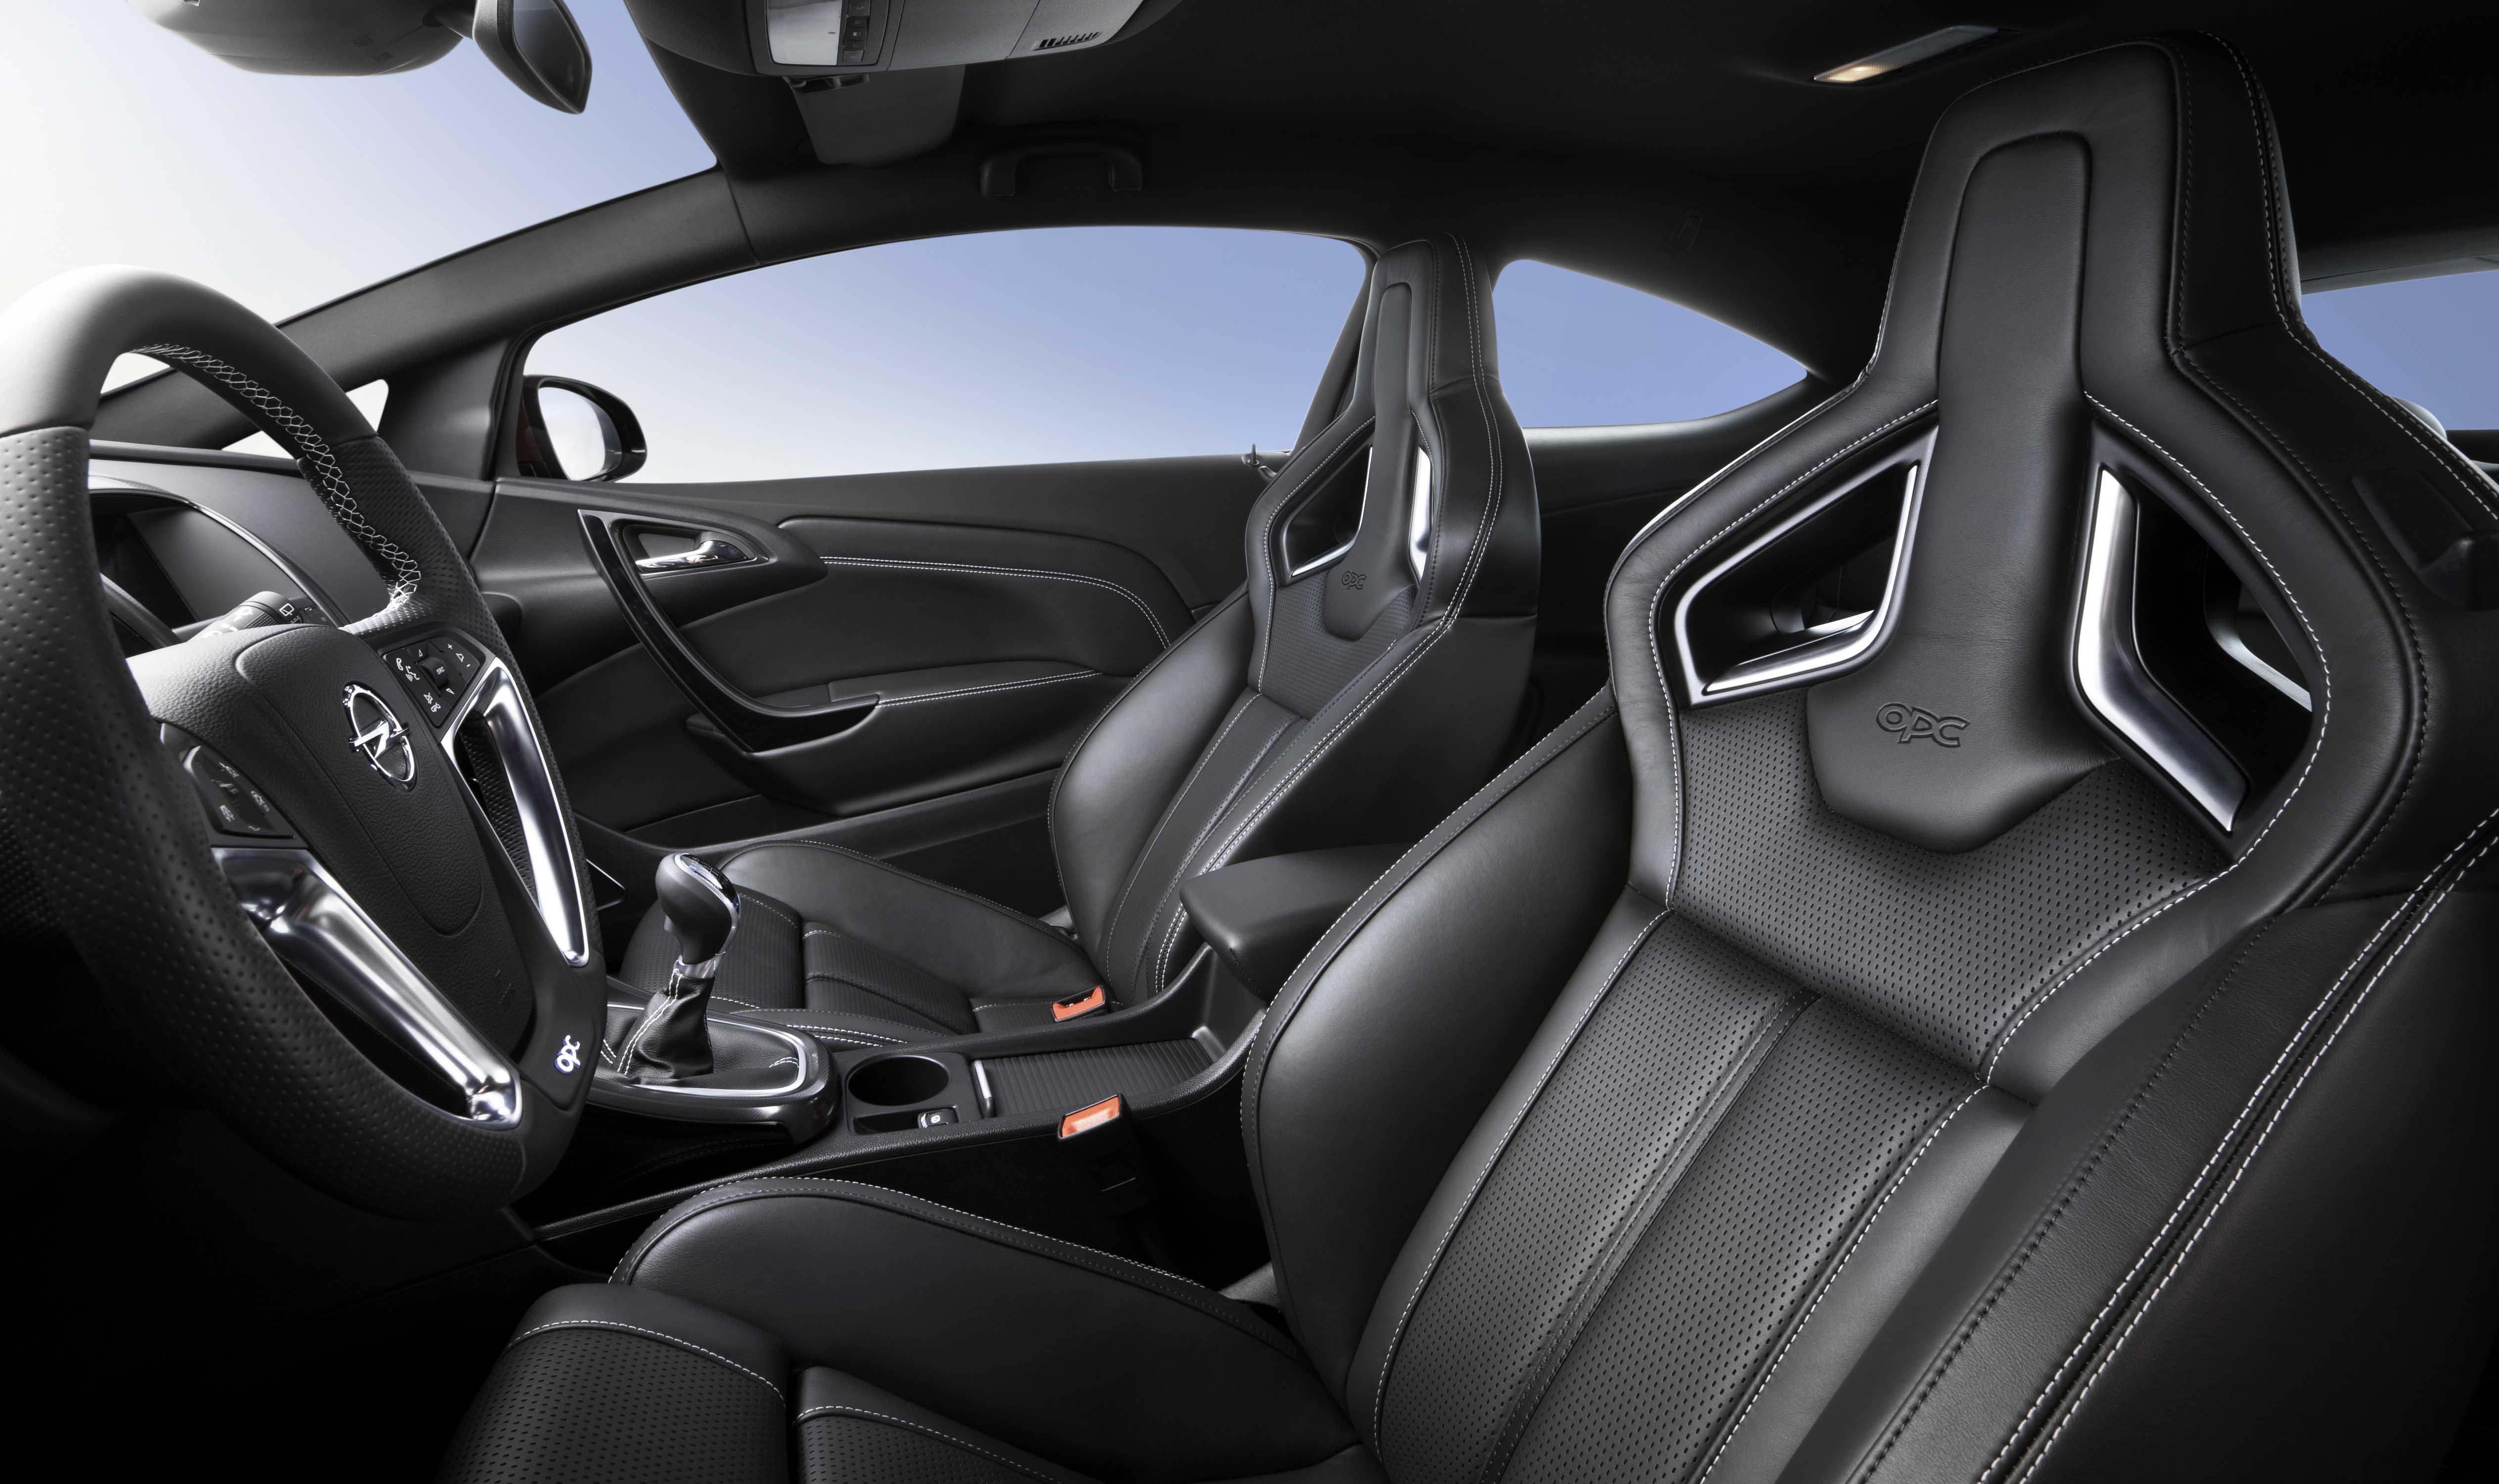 Photo of Opel, καθίσματα υψηλών προδιαγραφών για το νέο Astra OPC